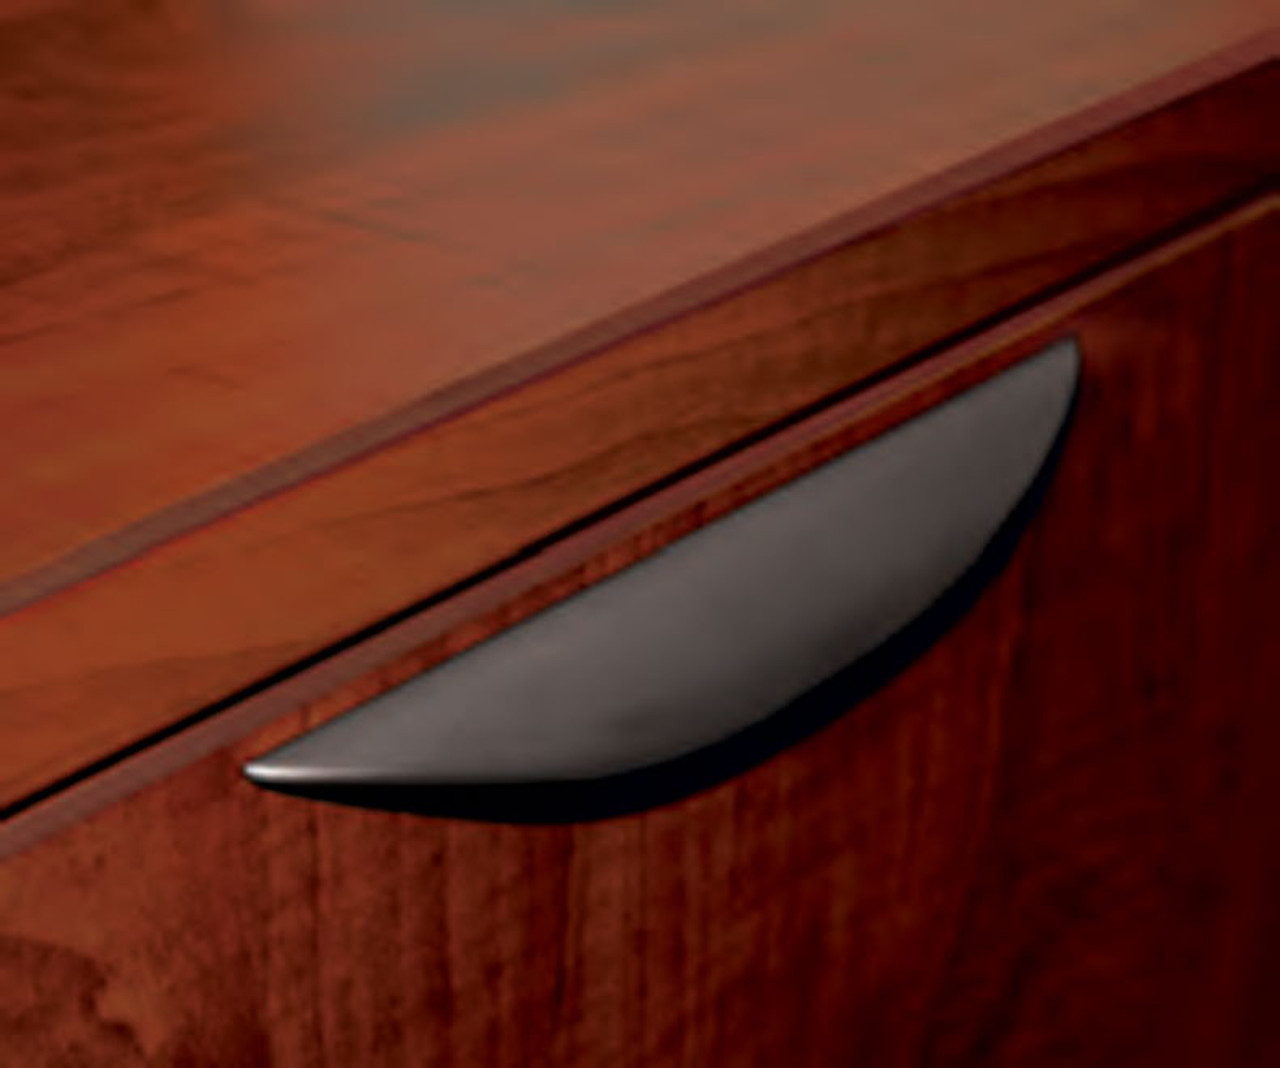 One Person Workstation w/Acrylic Aluminum Privacy Panel, #OT-SUL-HPO99